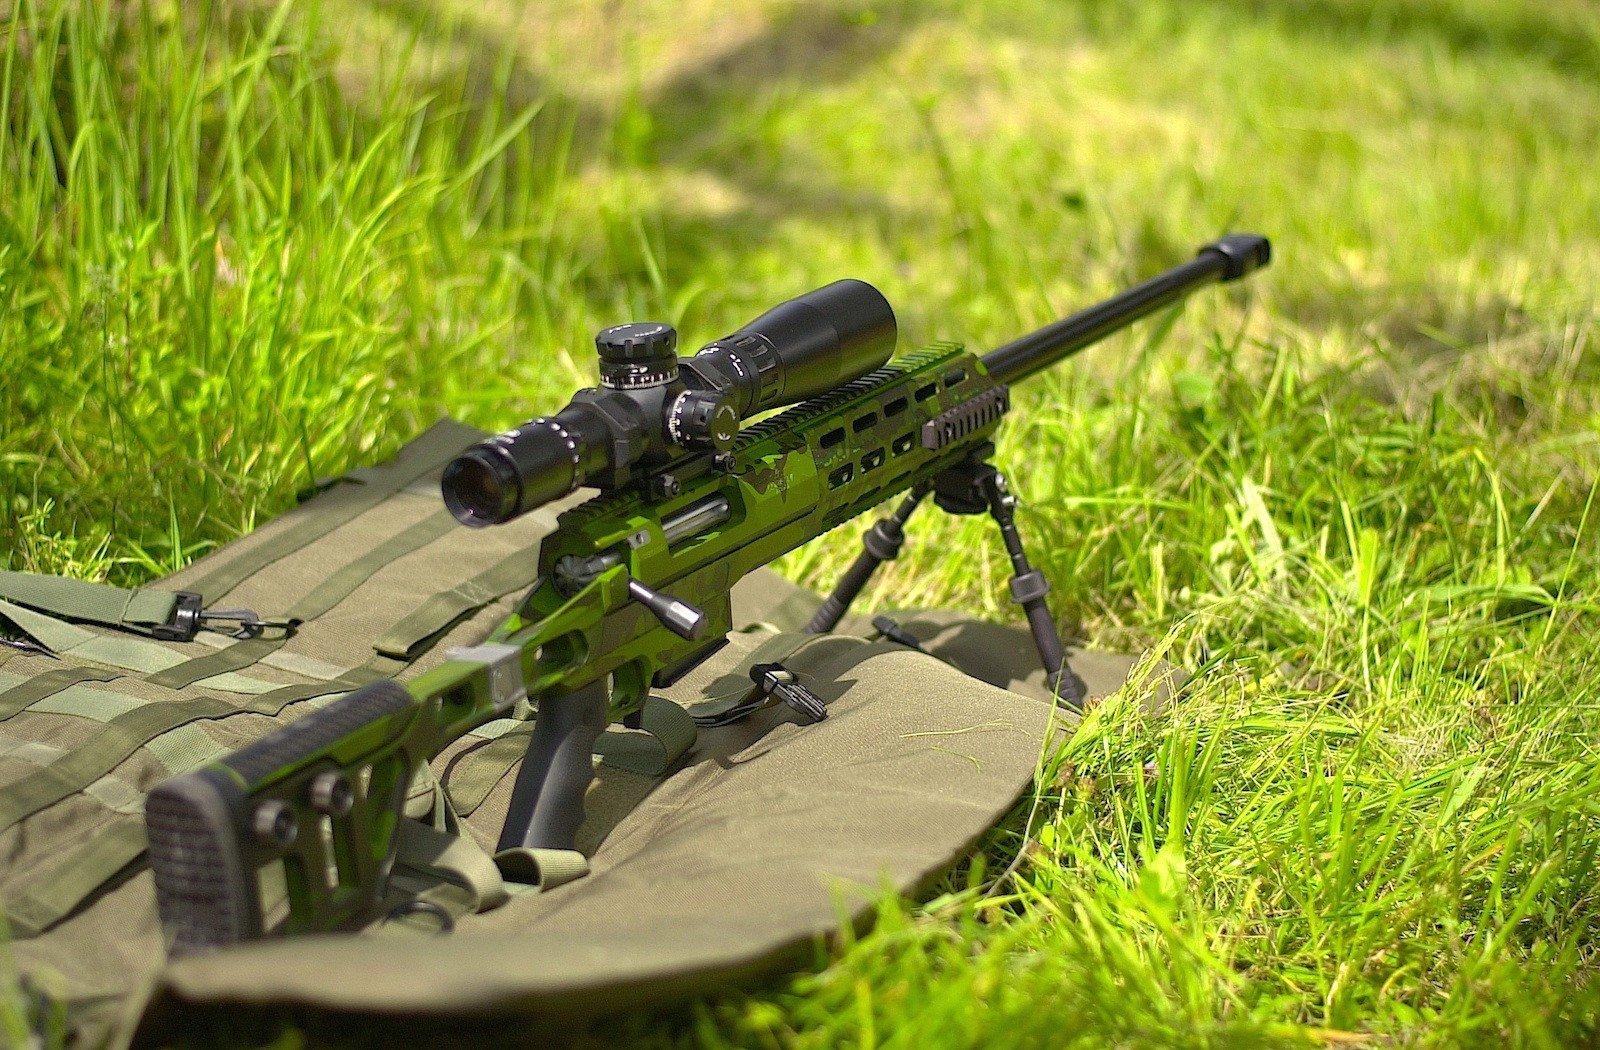 картинки снайперских винтовок